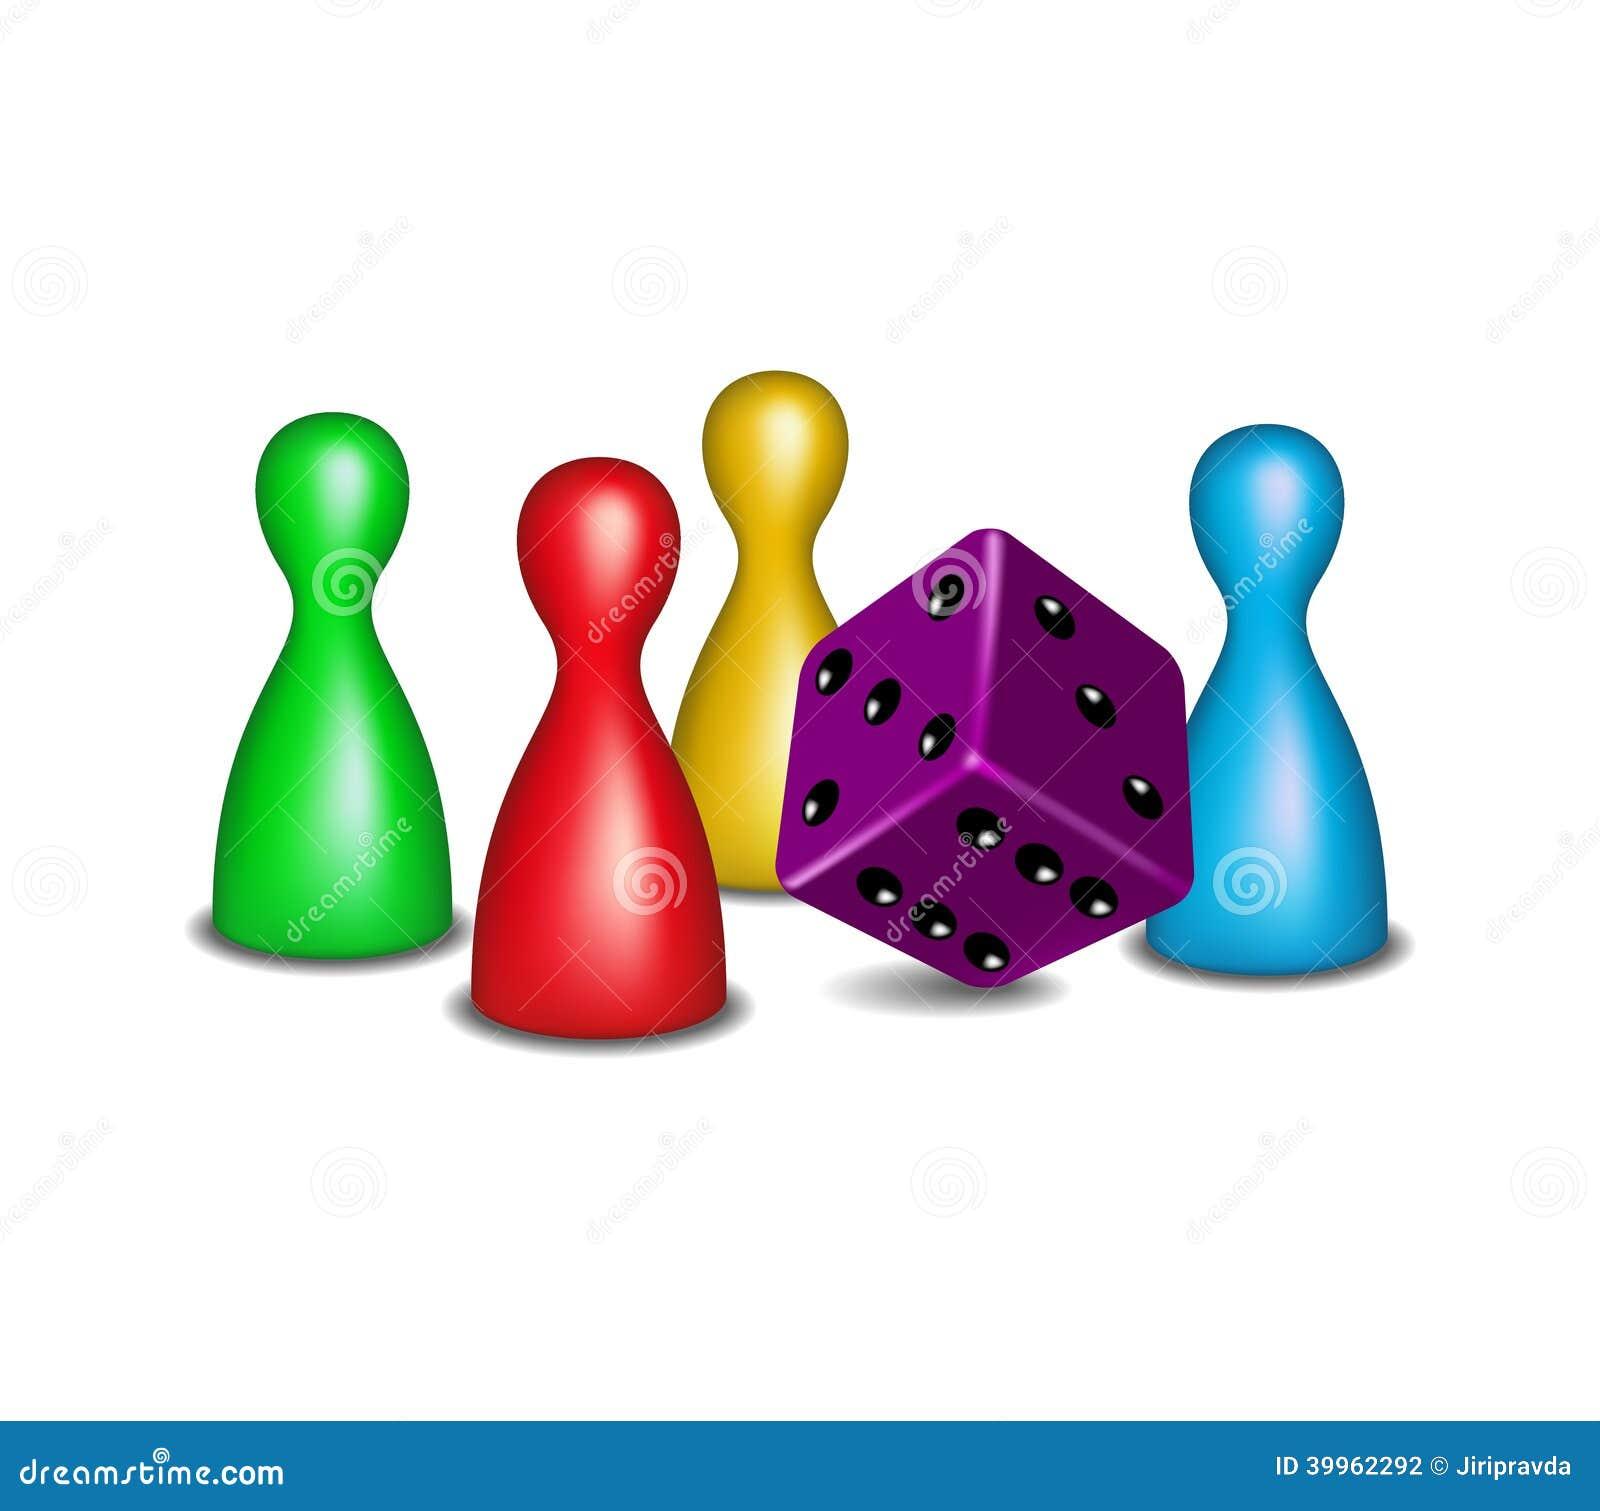 Οι αριθμοί επιτραπέζιων παιχνιδιών με την πορφύρα χωρίζουν σε τετράγωνα